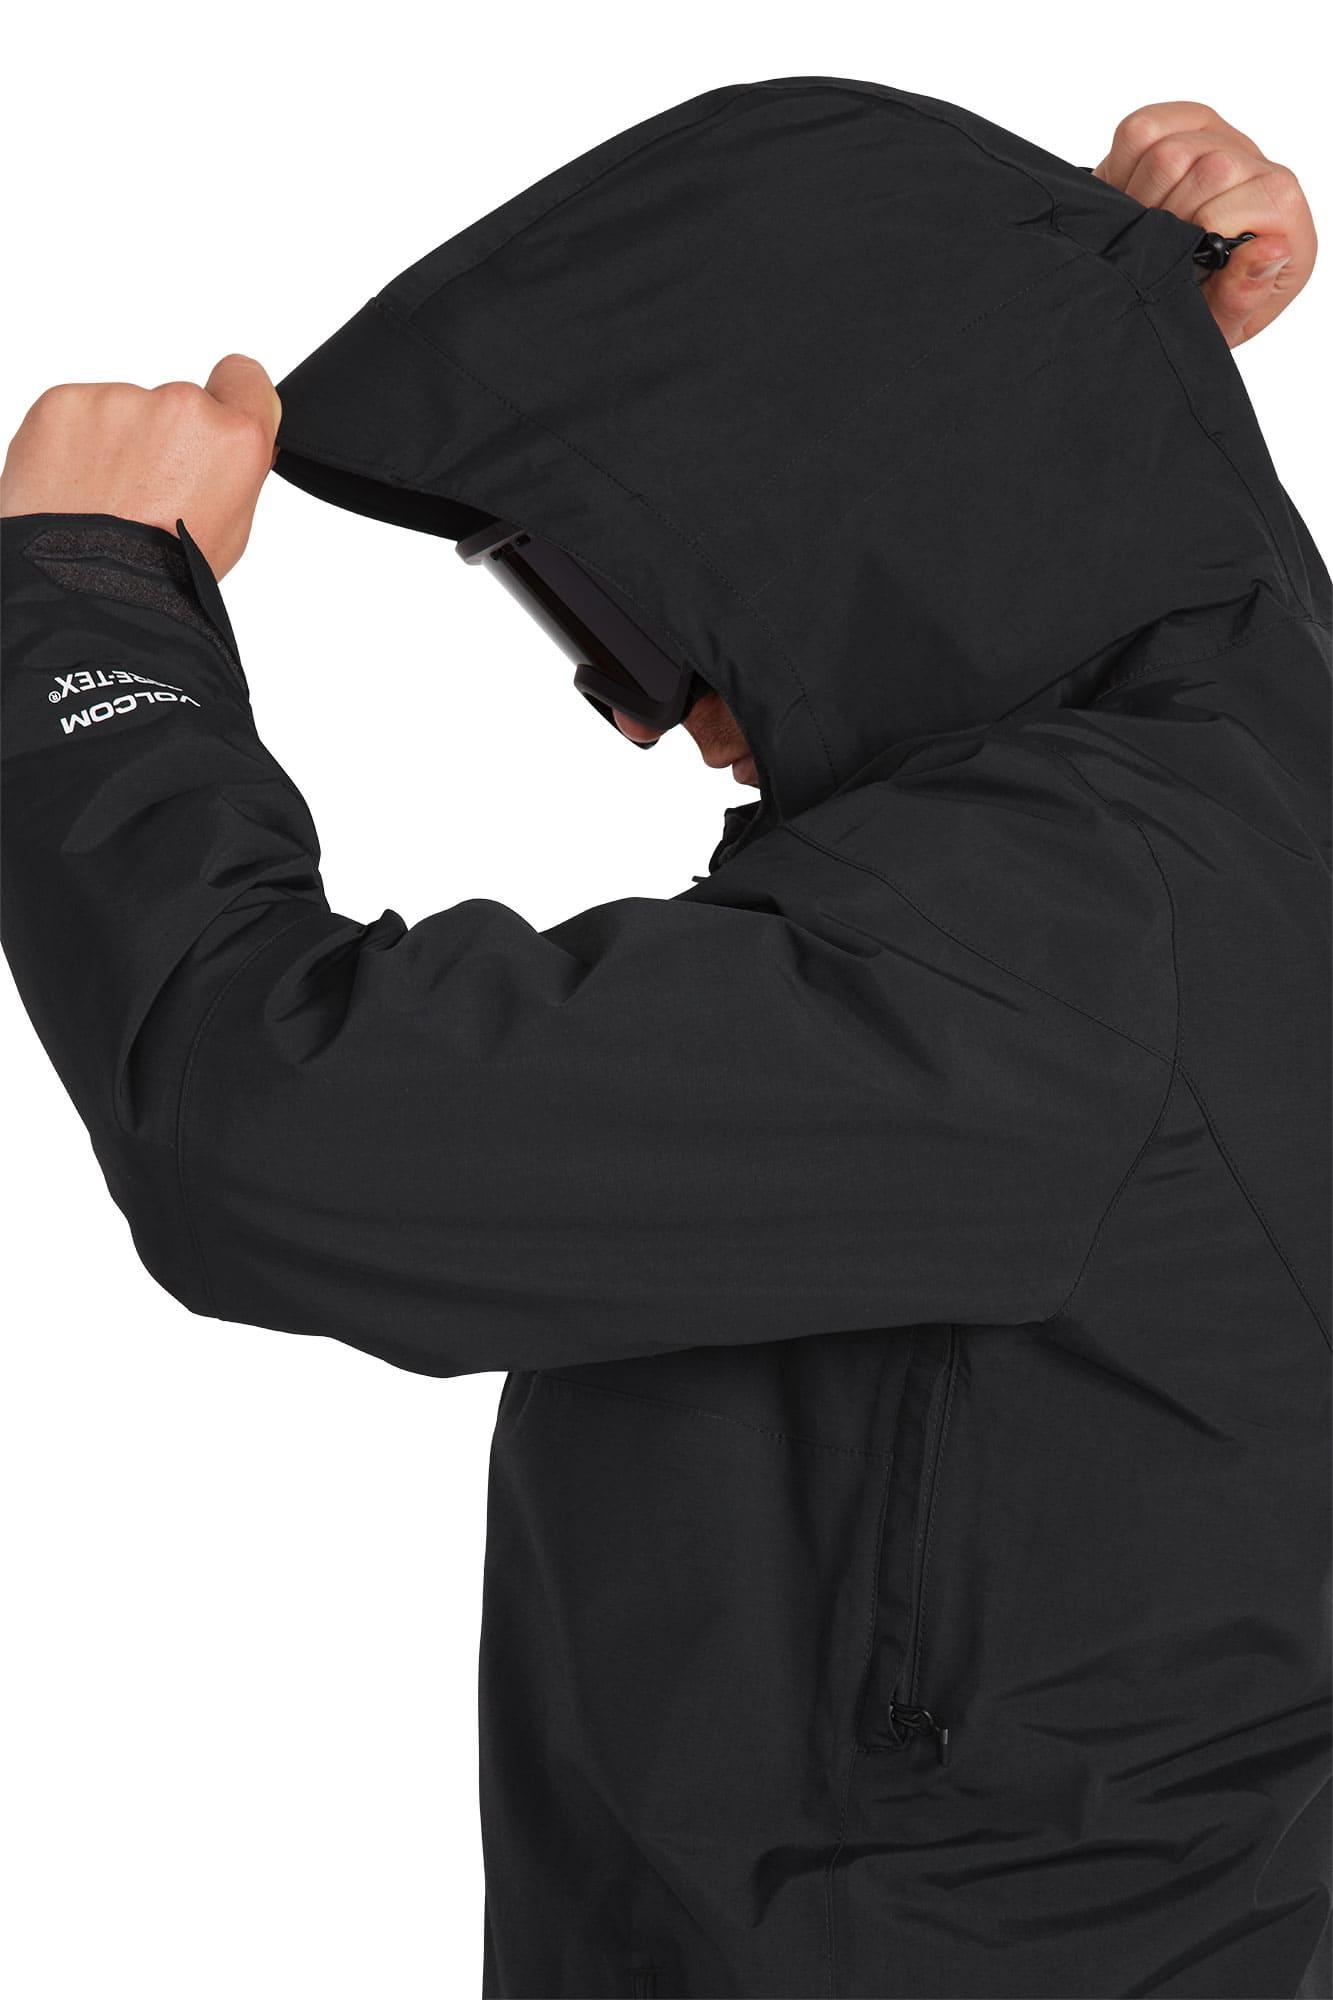 Volcom L Ins Gore-Tex Jacket 2021